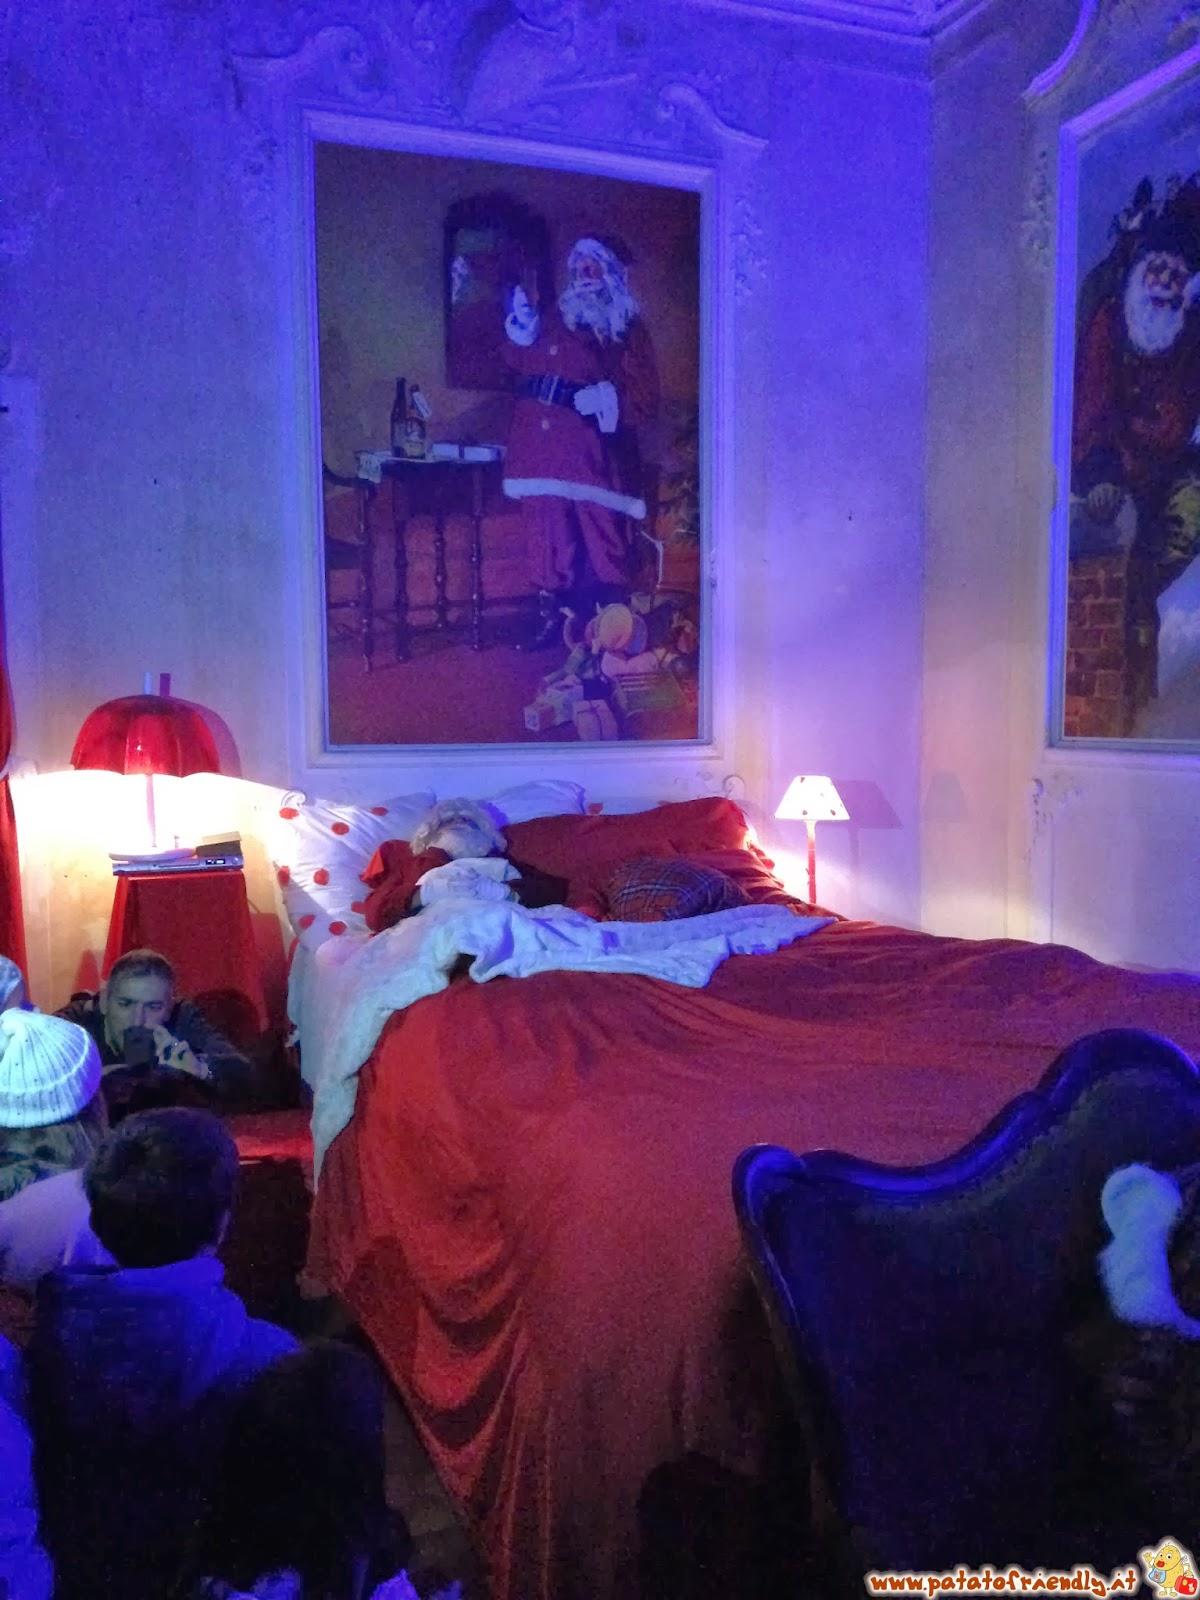 Langhe a Natale - Babbo Natale nella sua casa di Govone